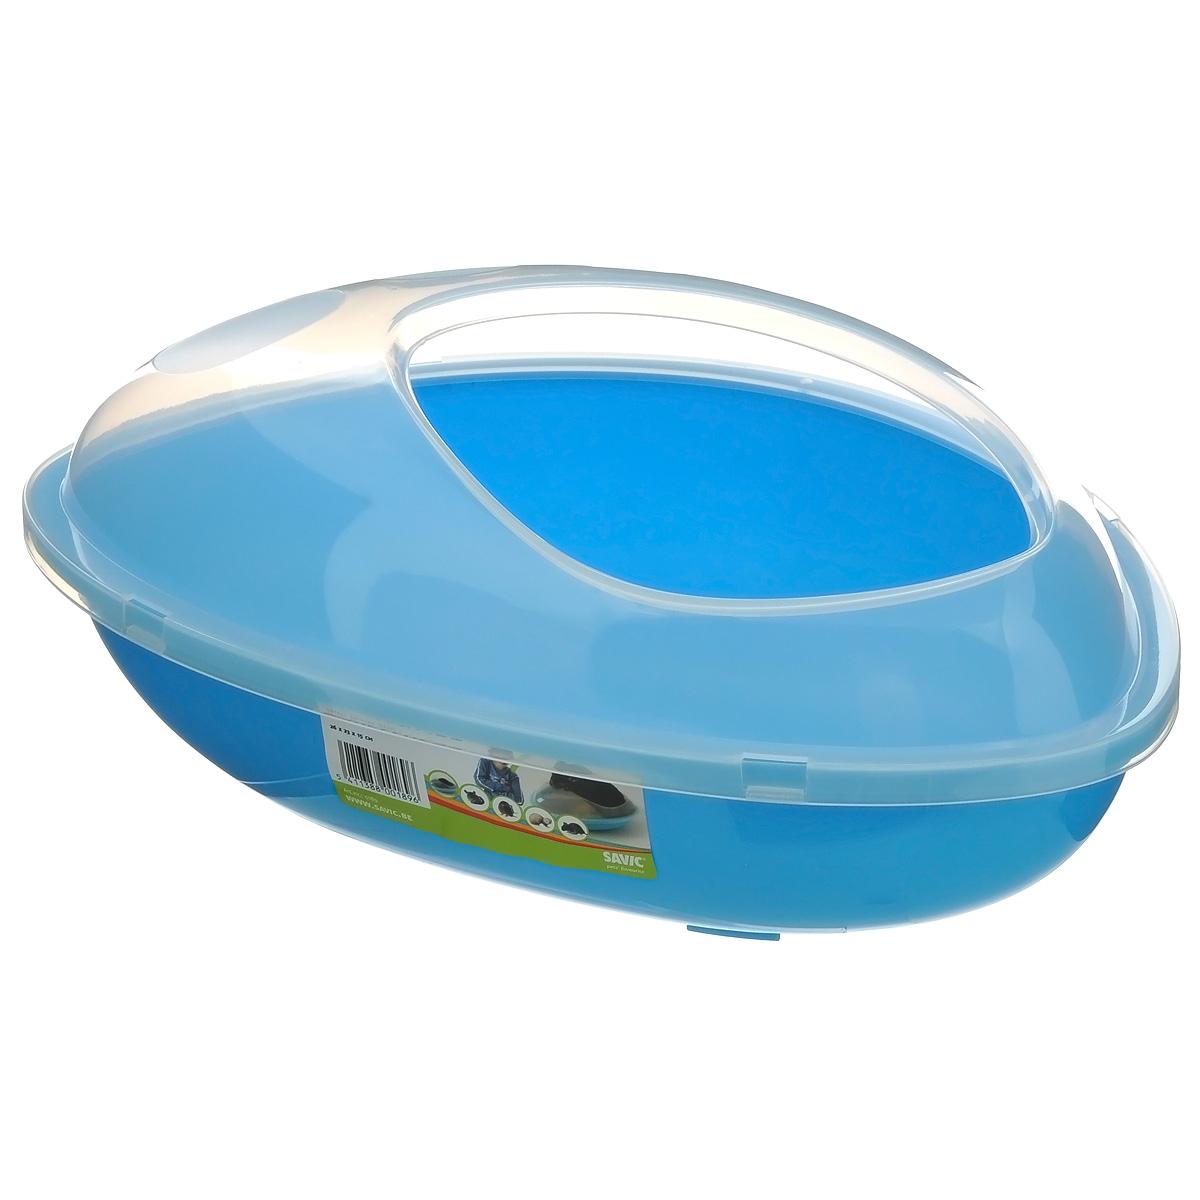 Купалка для шиншилл Savik, цвет: голубой, 35 х 23 см х 15 см16466/795824Купалка для шиншилл Savik очень удобный аксессуар для купания мелких домашних животных, таких как крысы, мыши, шиншиллы, хорьки. Купалка представляет собой емкость с небольшим отверстием.